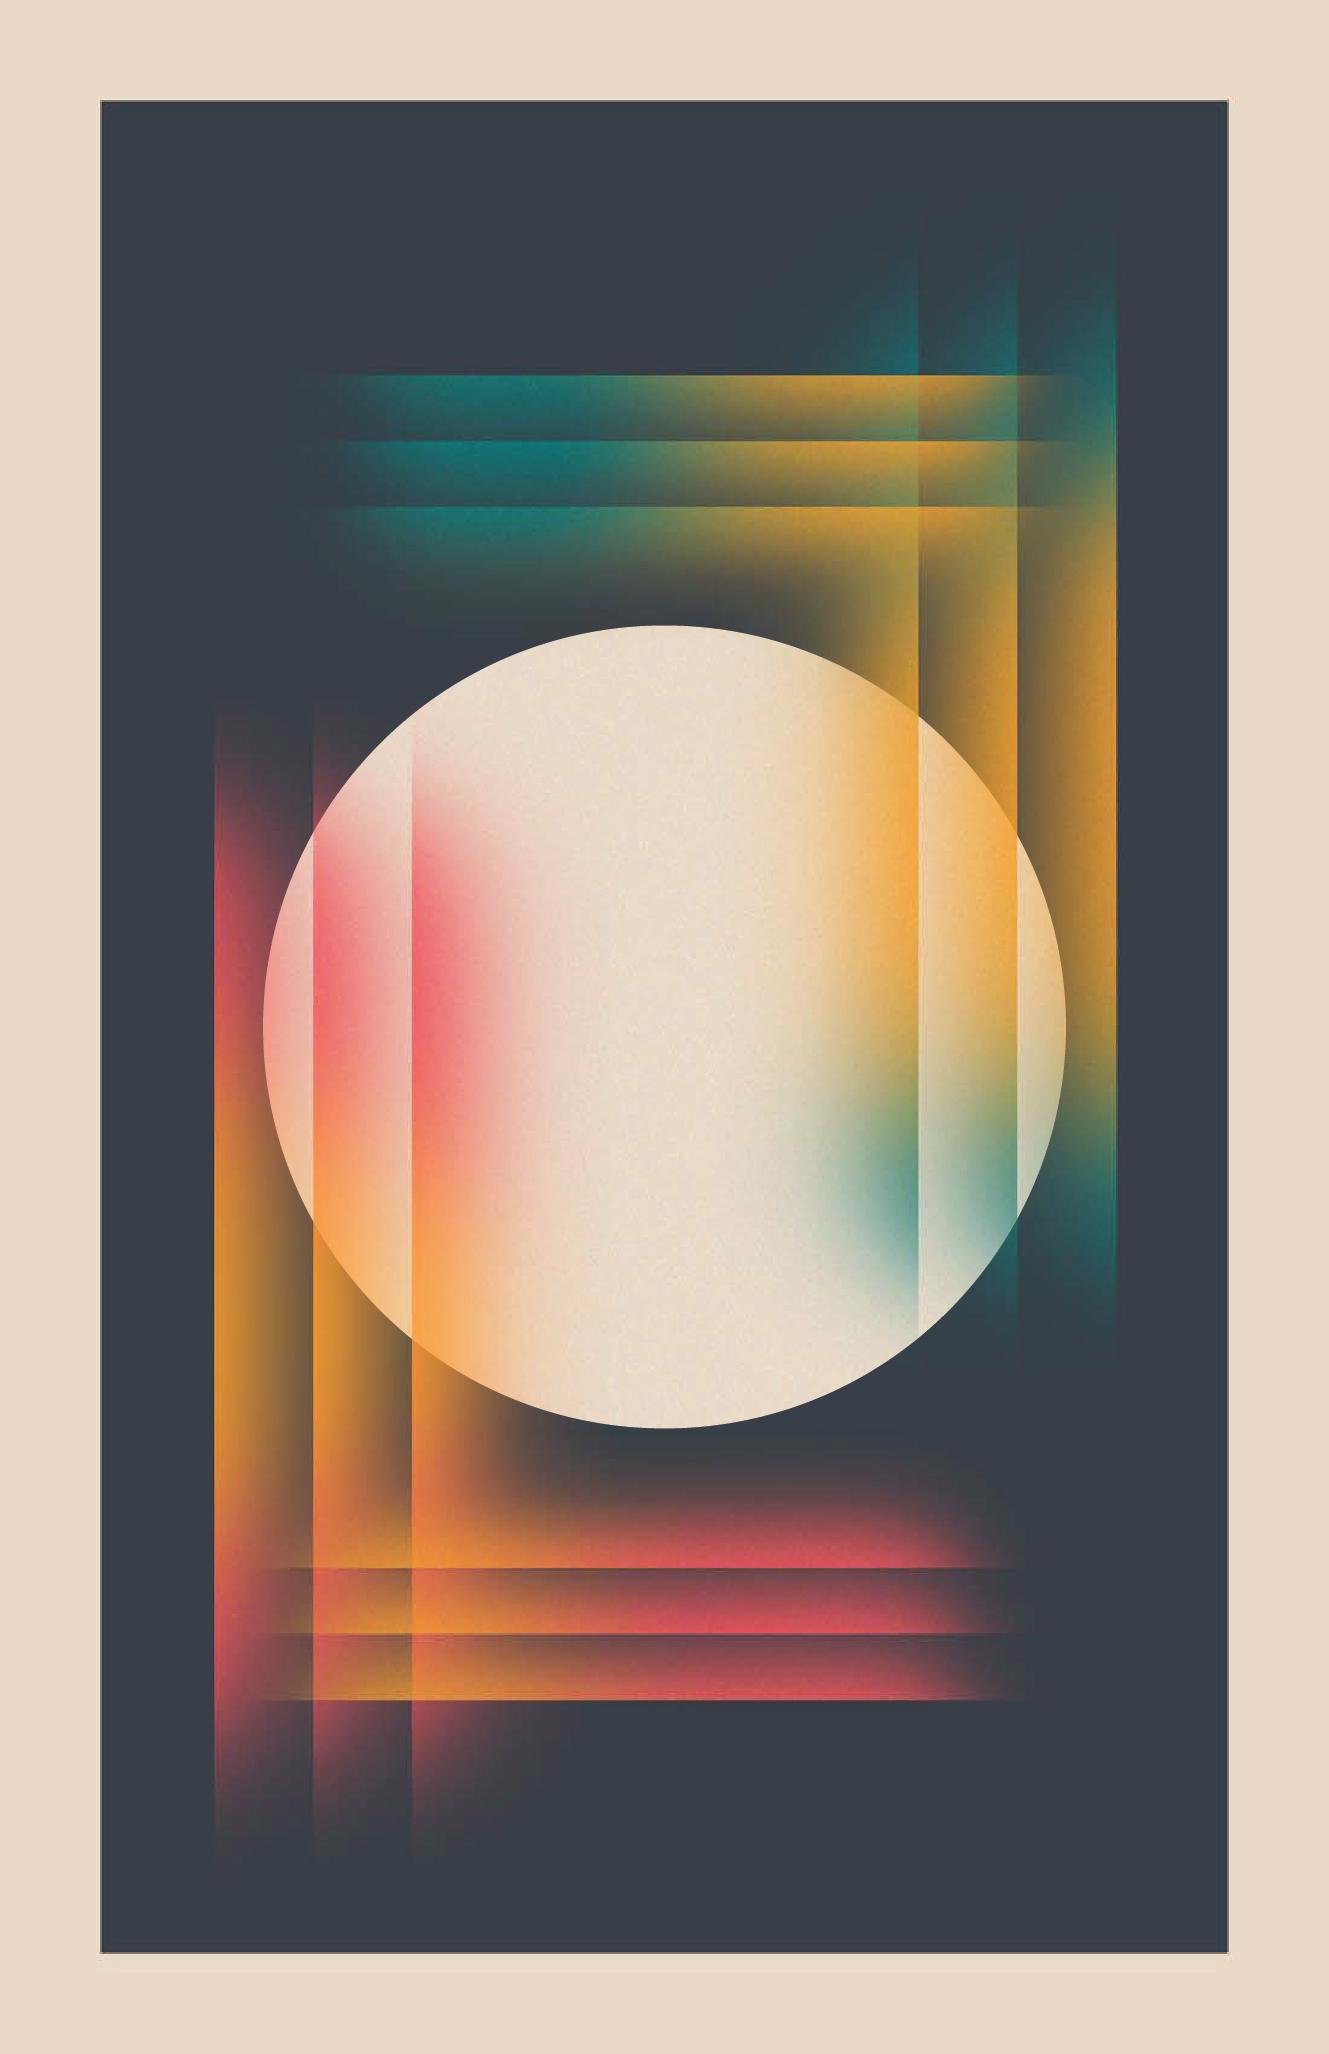 posters-04.jpg